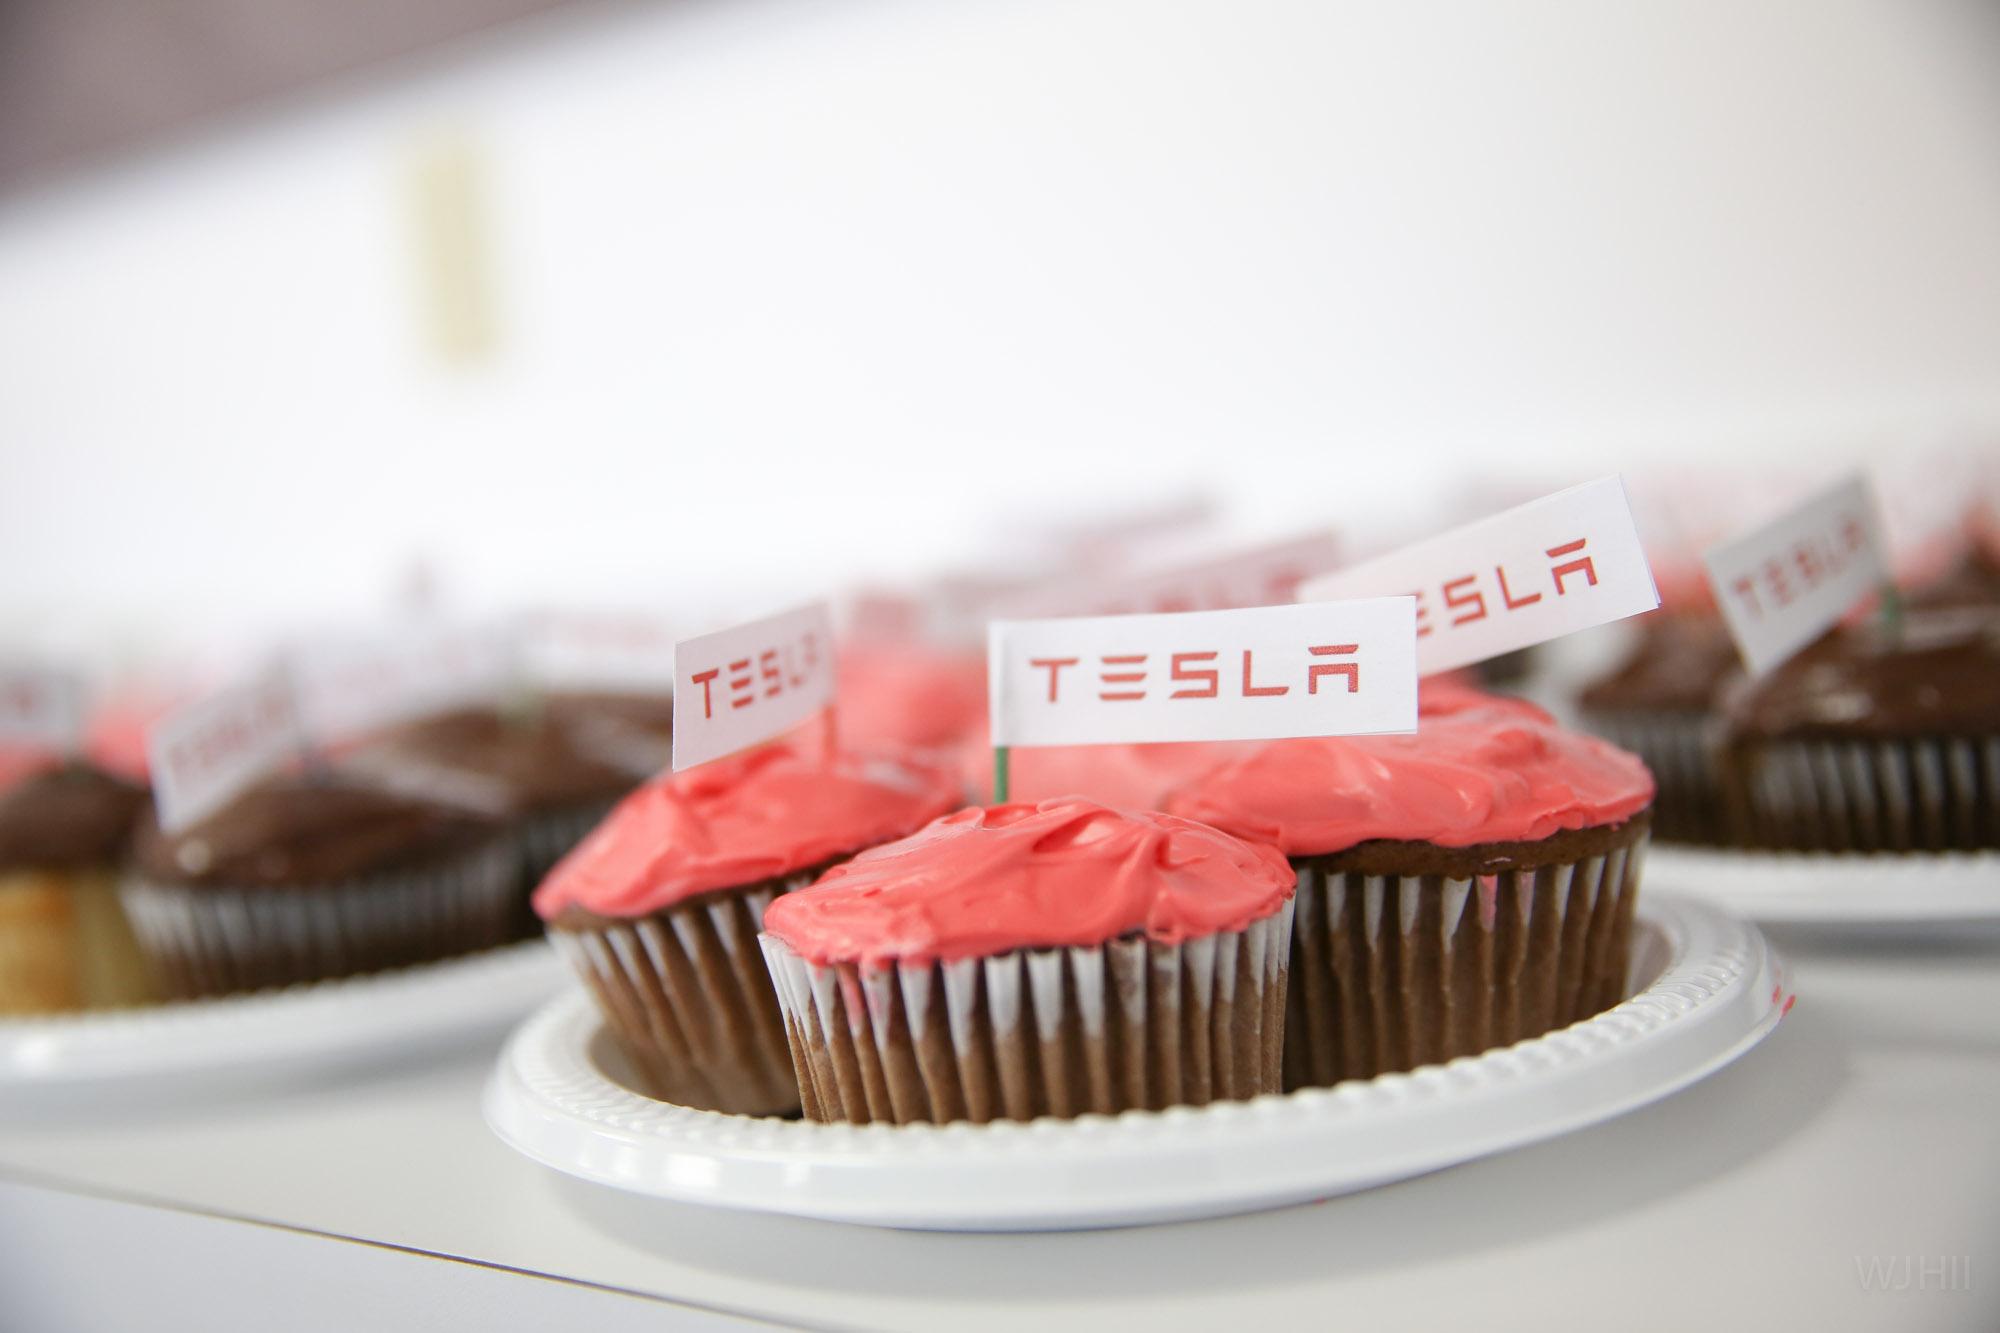 TeslaMotorsClub_Tampa_28APR13_0019.jpg